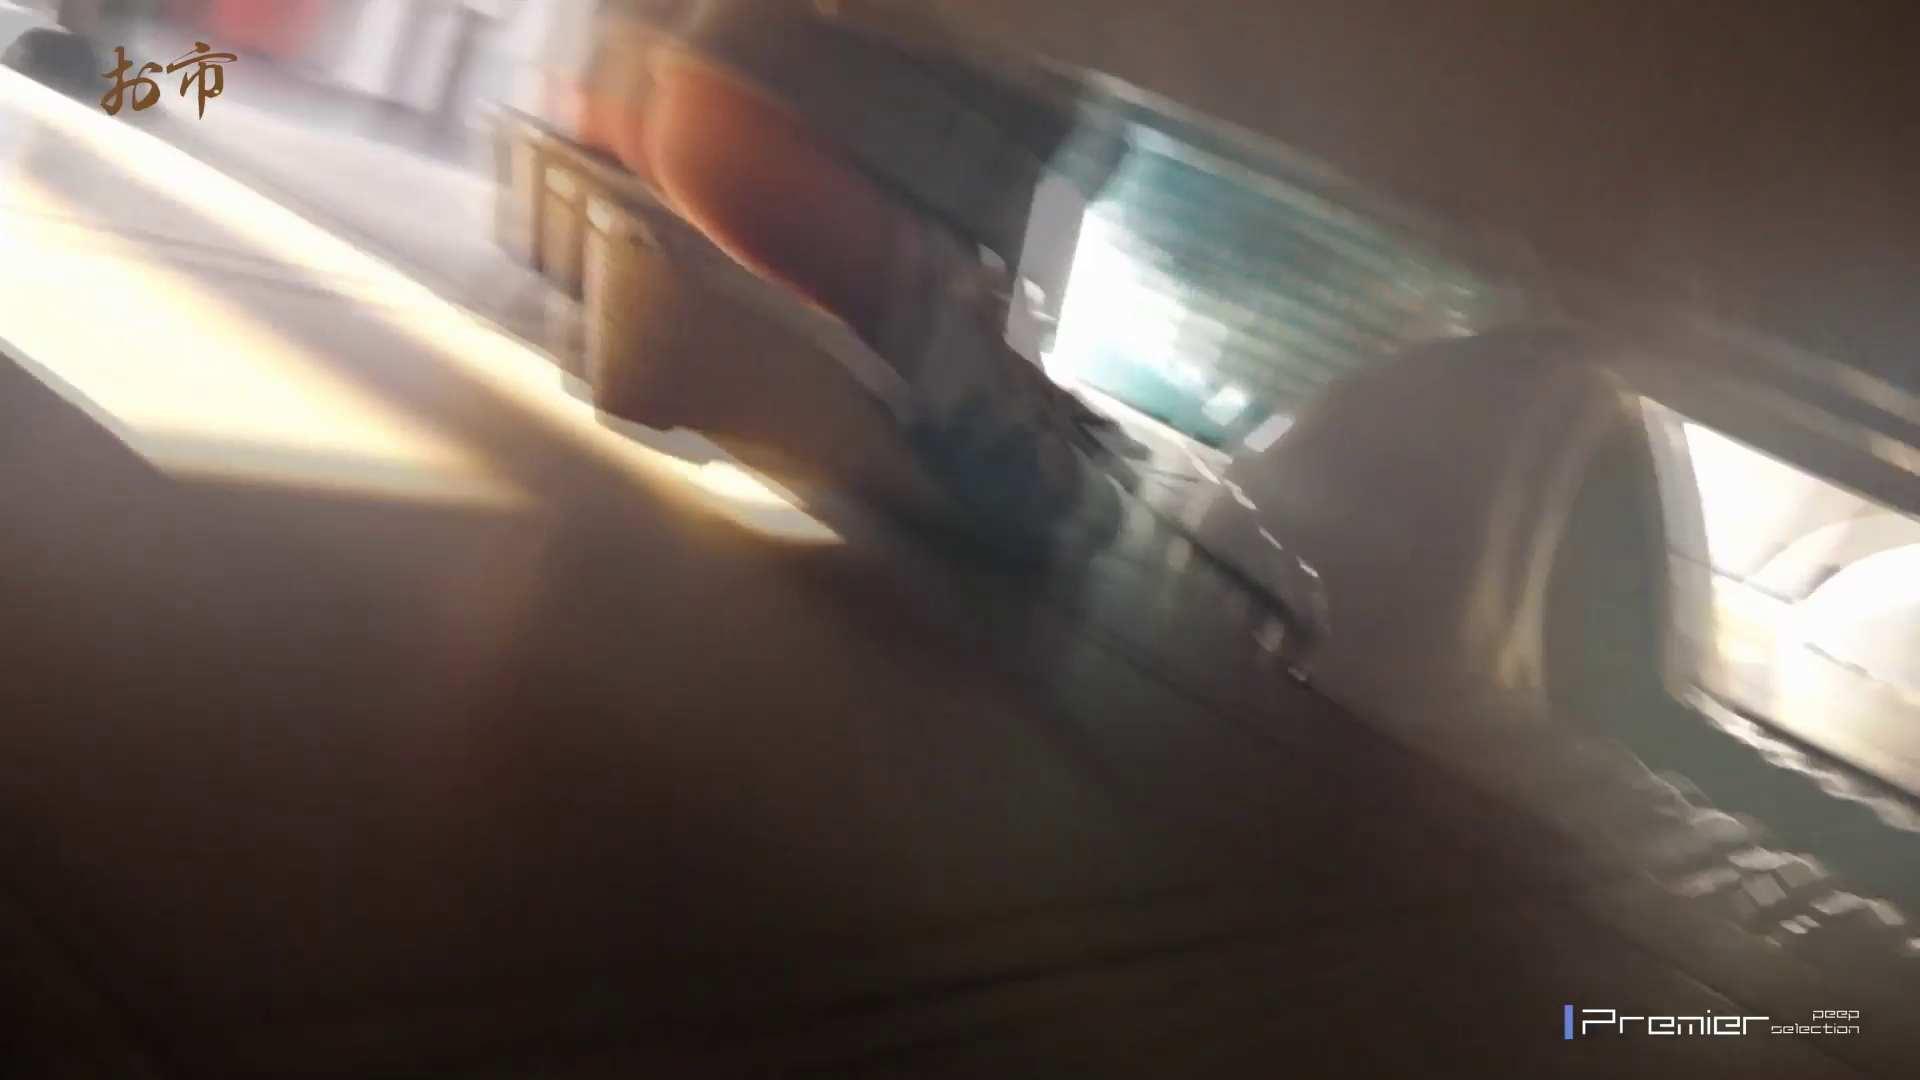 潜入!!台湾名門女学院 Vol.14 ラストコンテンツ!! 盗撮映像大放出   エッチすぎる美女  86連発 69